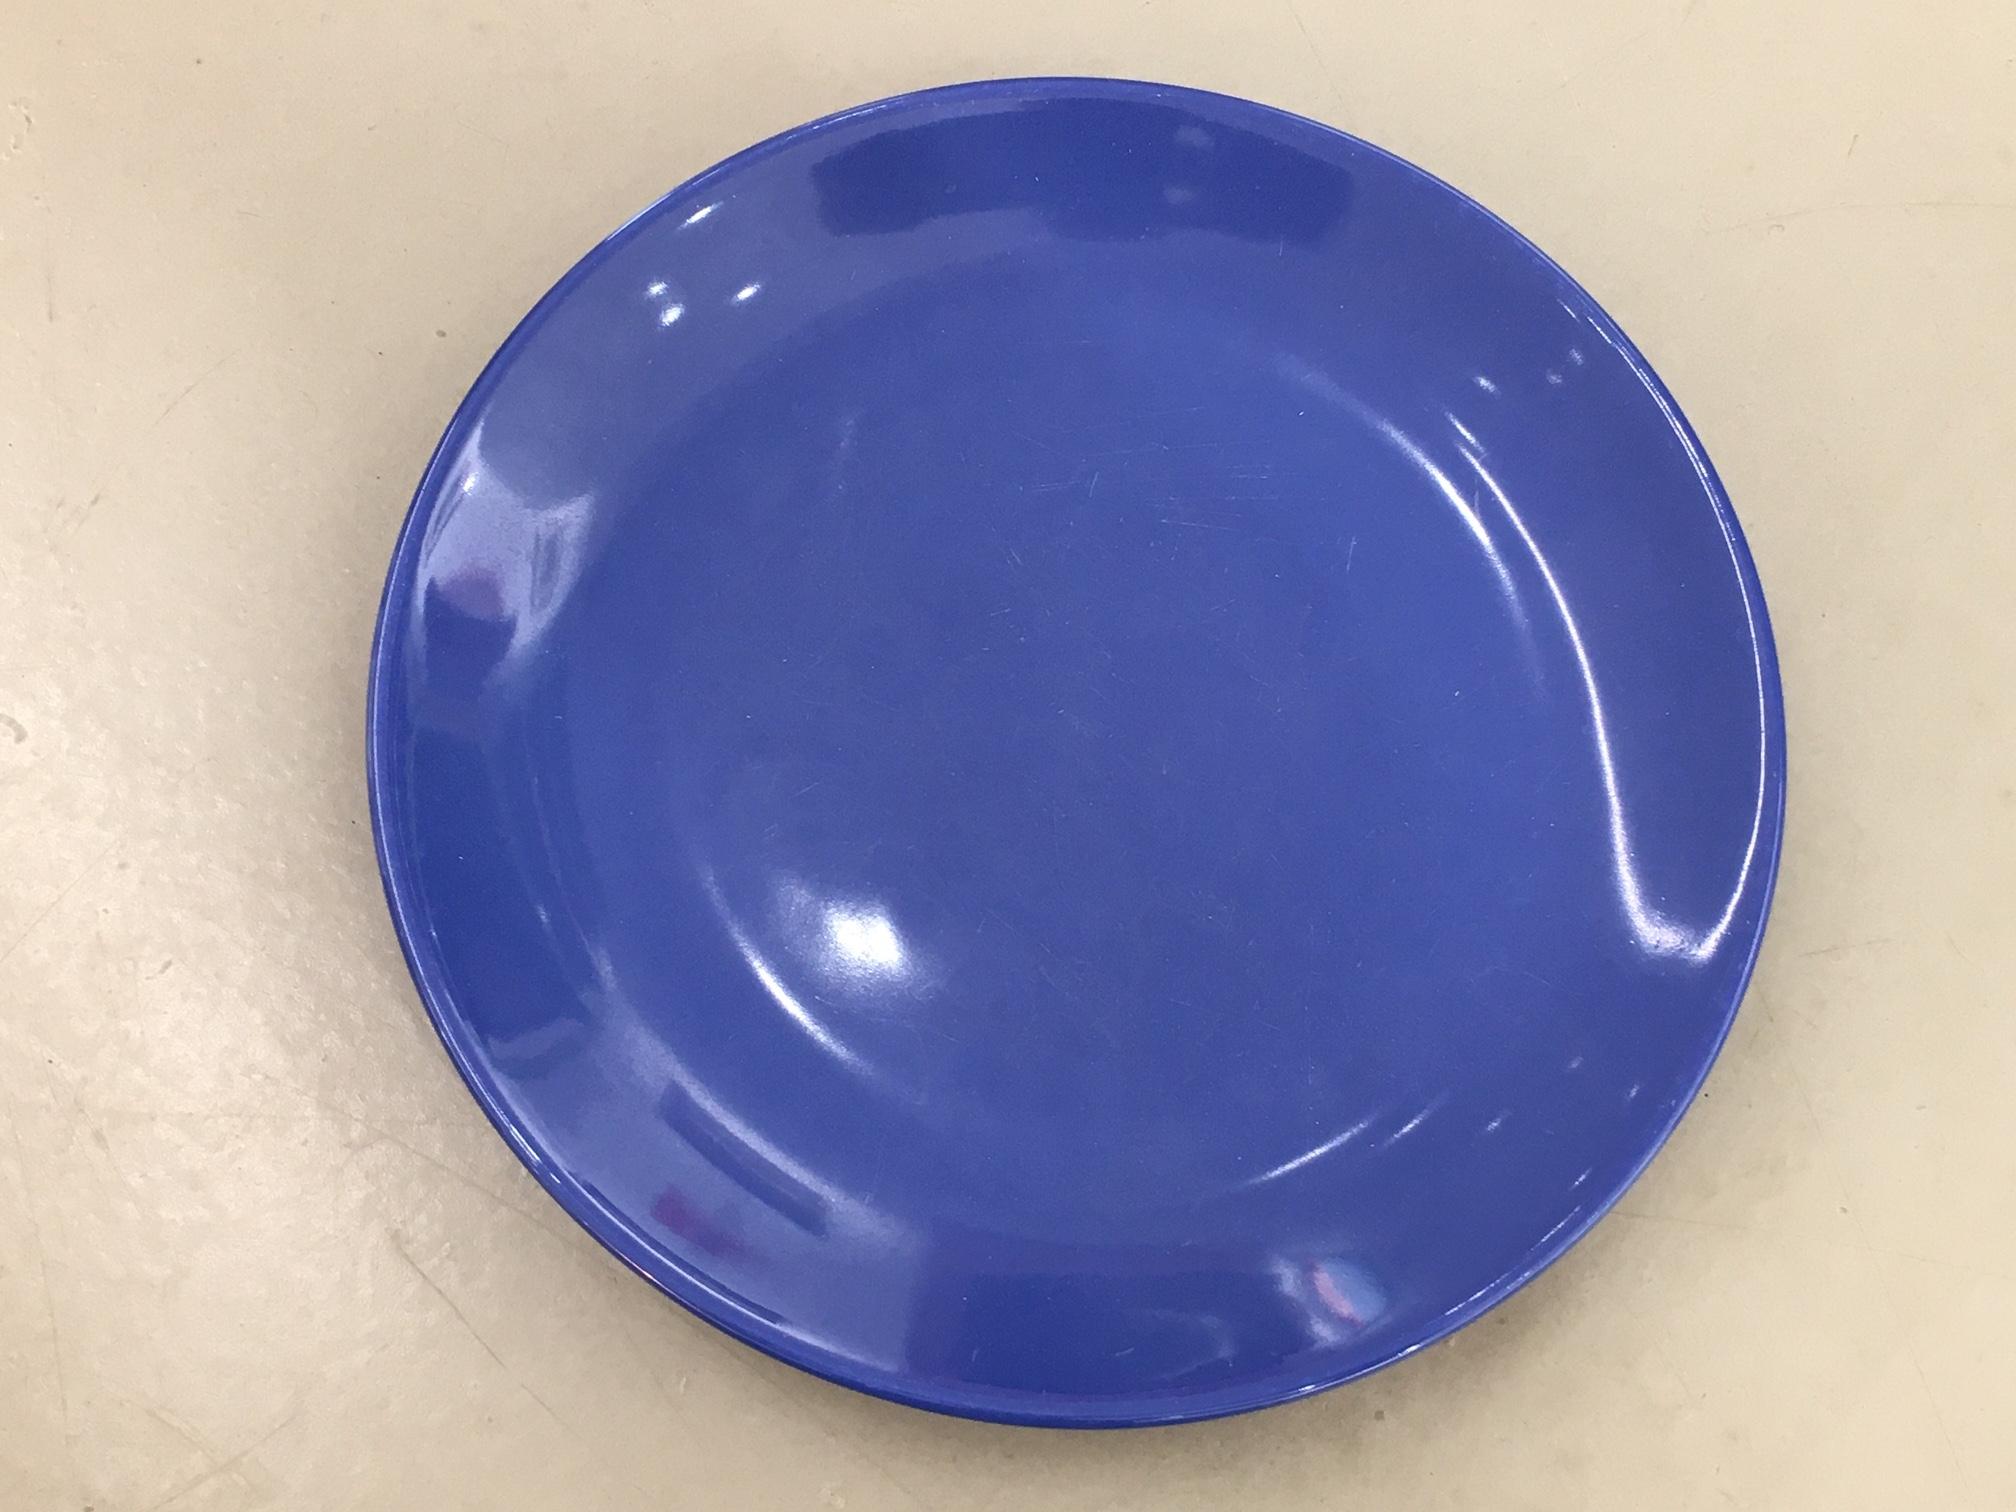 Ikea Teller Blau